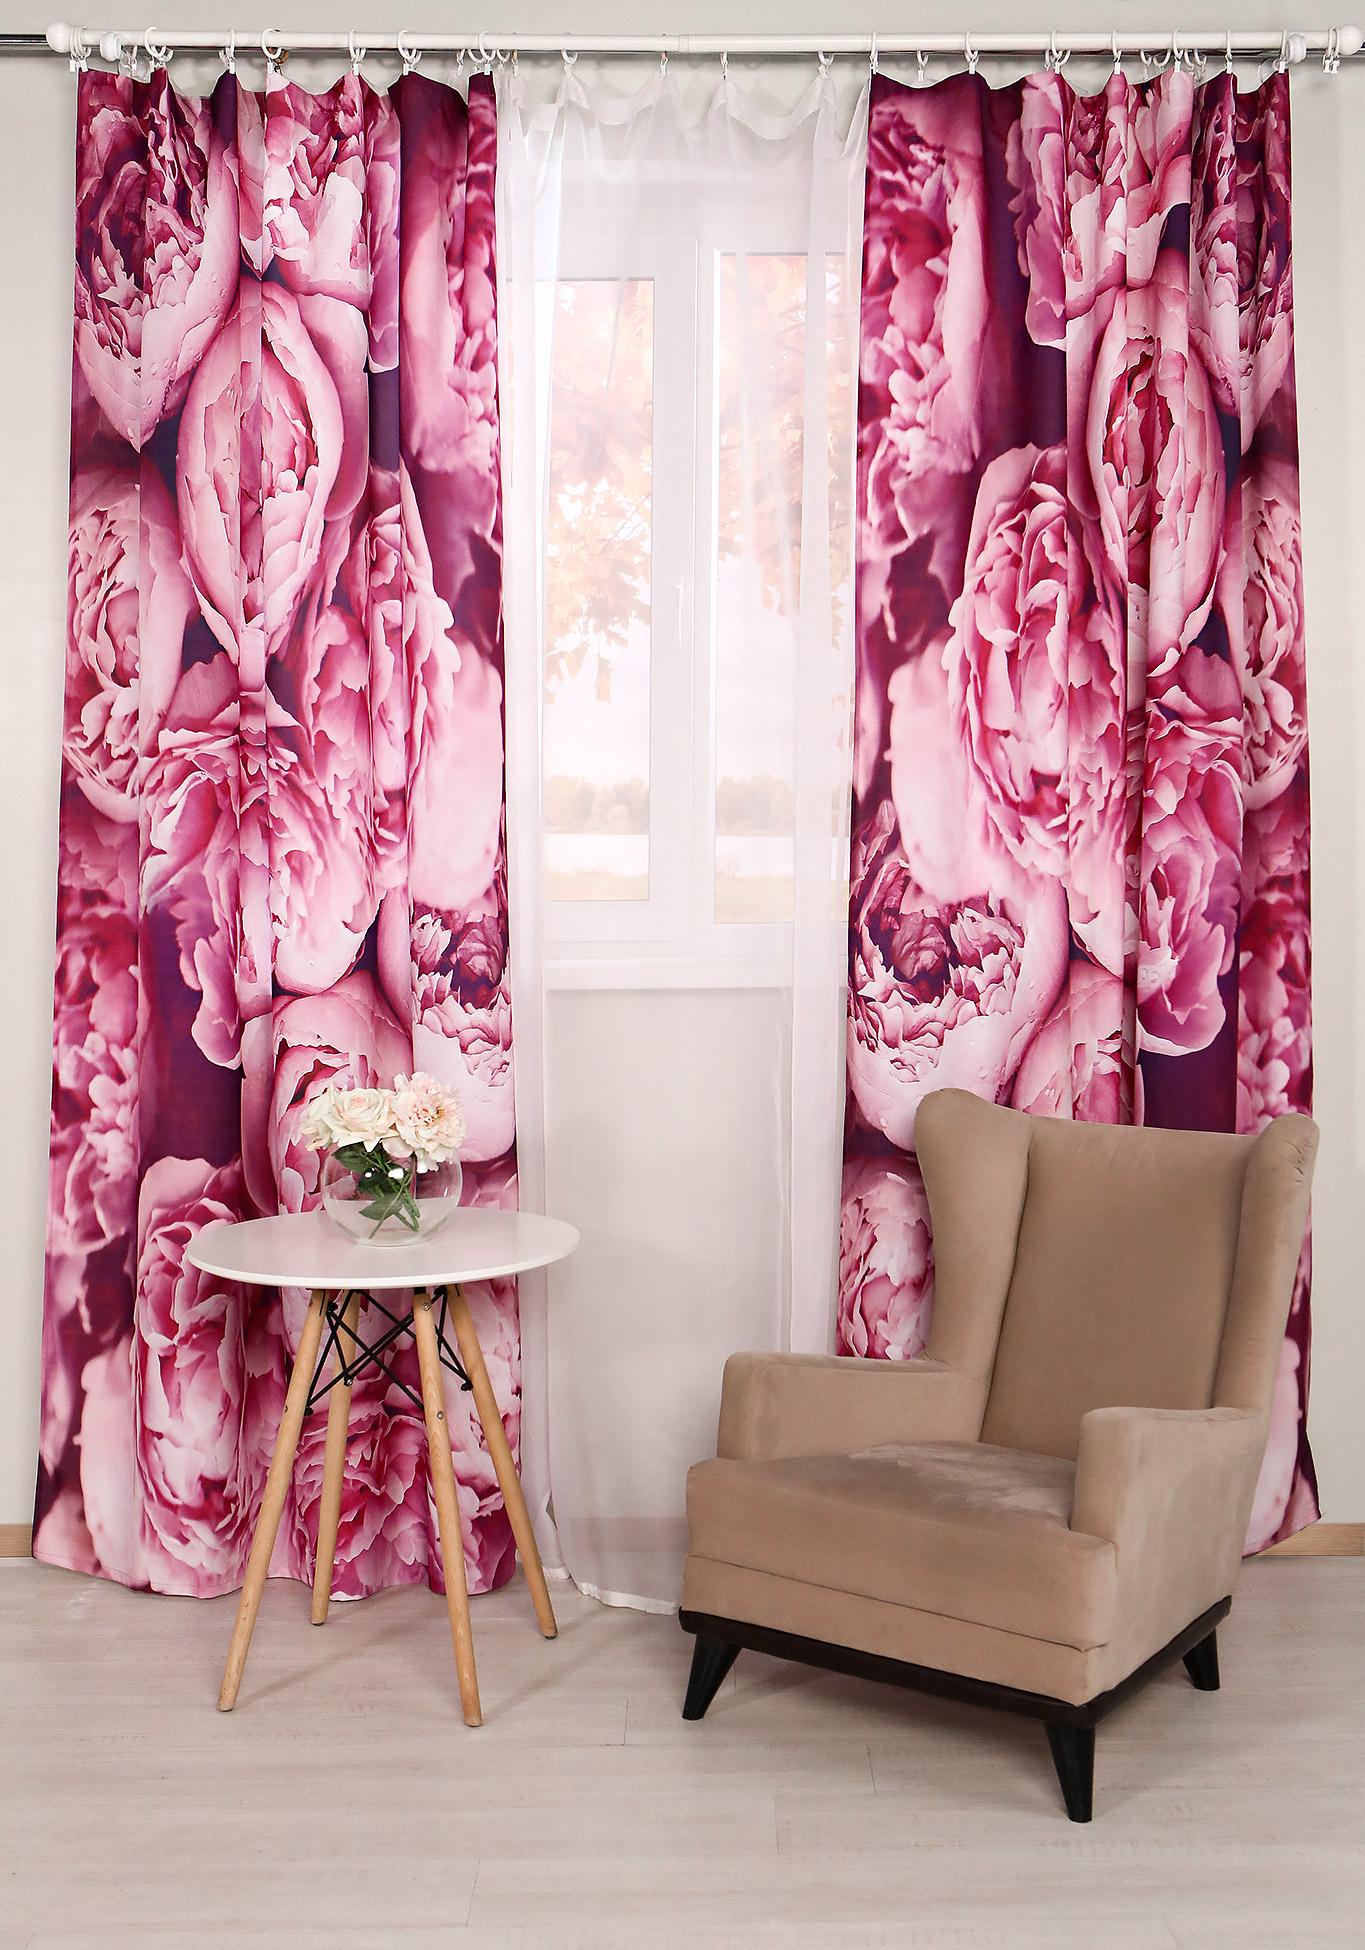 Комплект портьер Розовый шик комплект портьер цветочный каприз